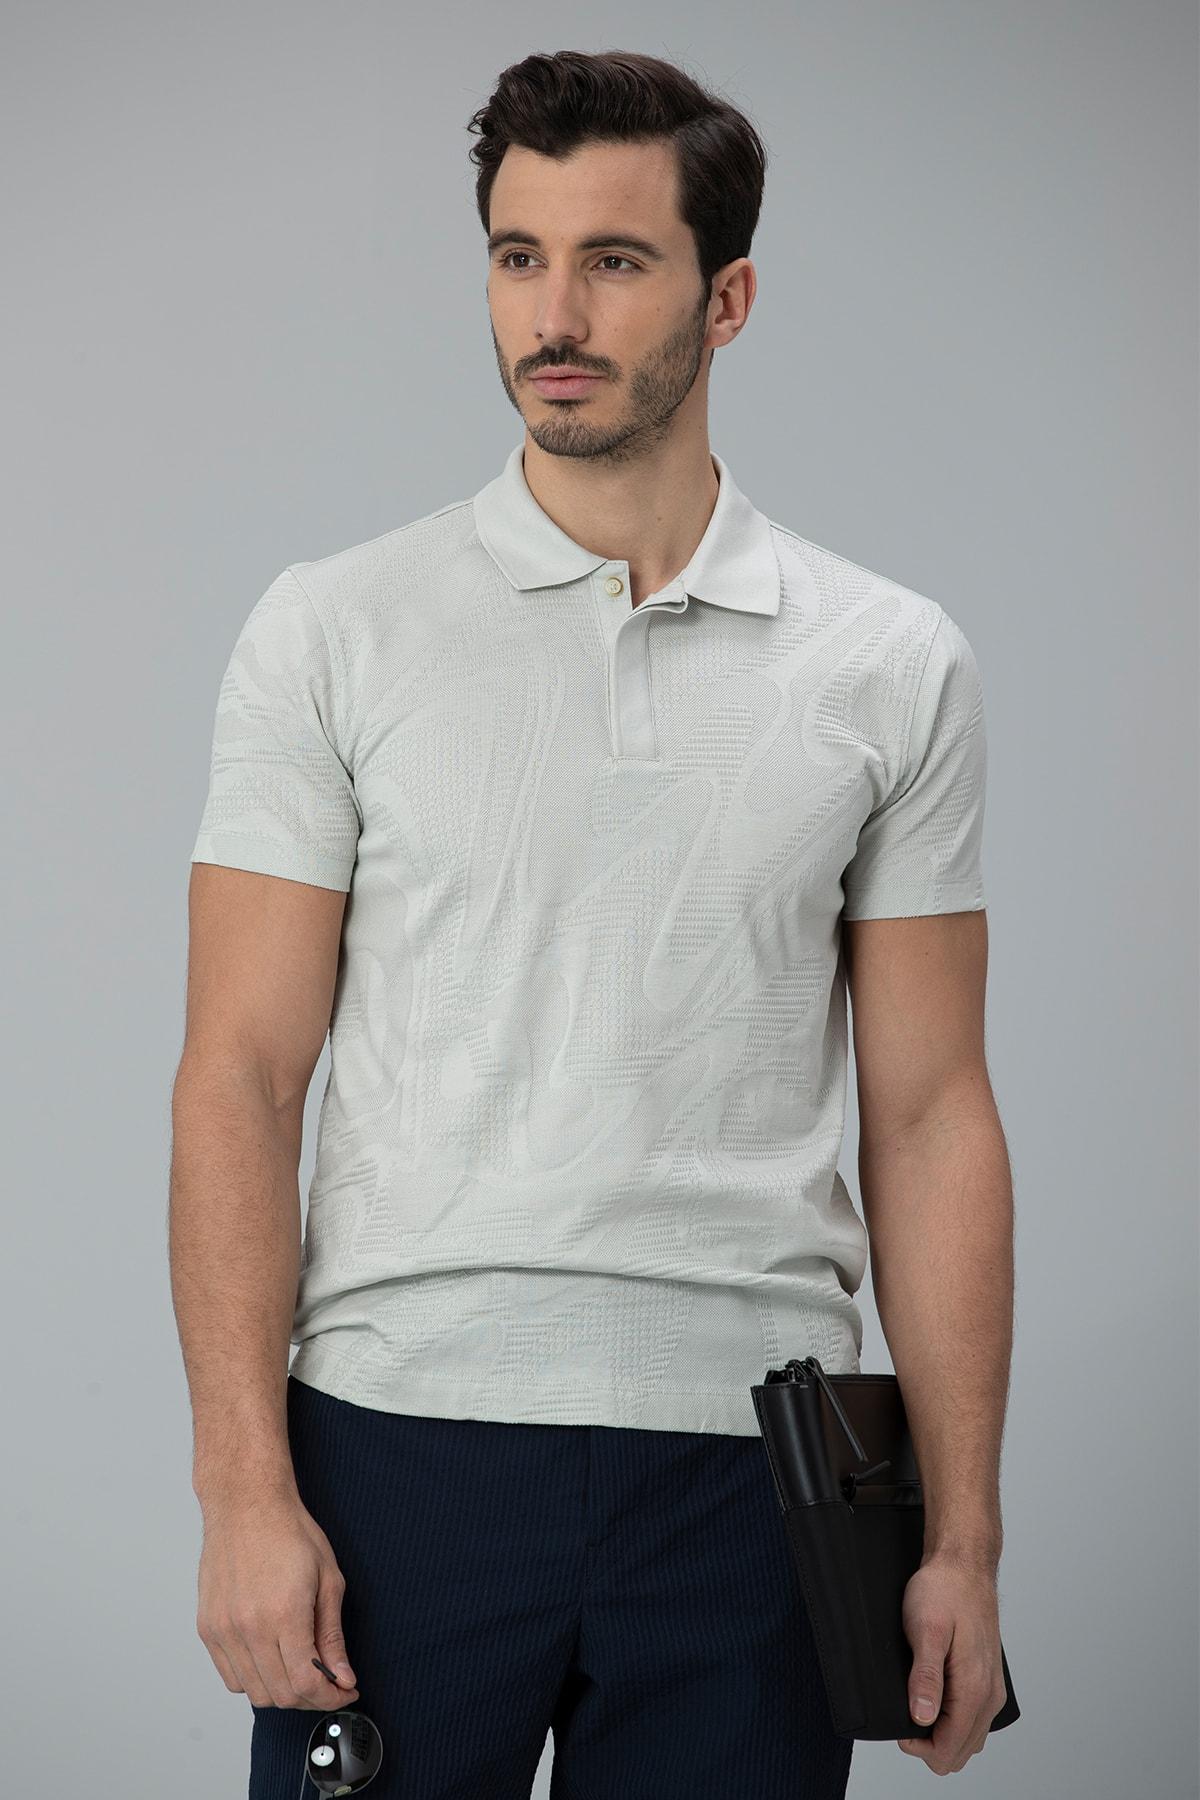 Lufian Perm Spor Polo T- Shirt Taş